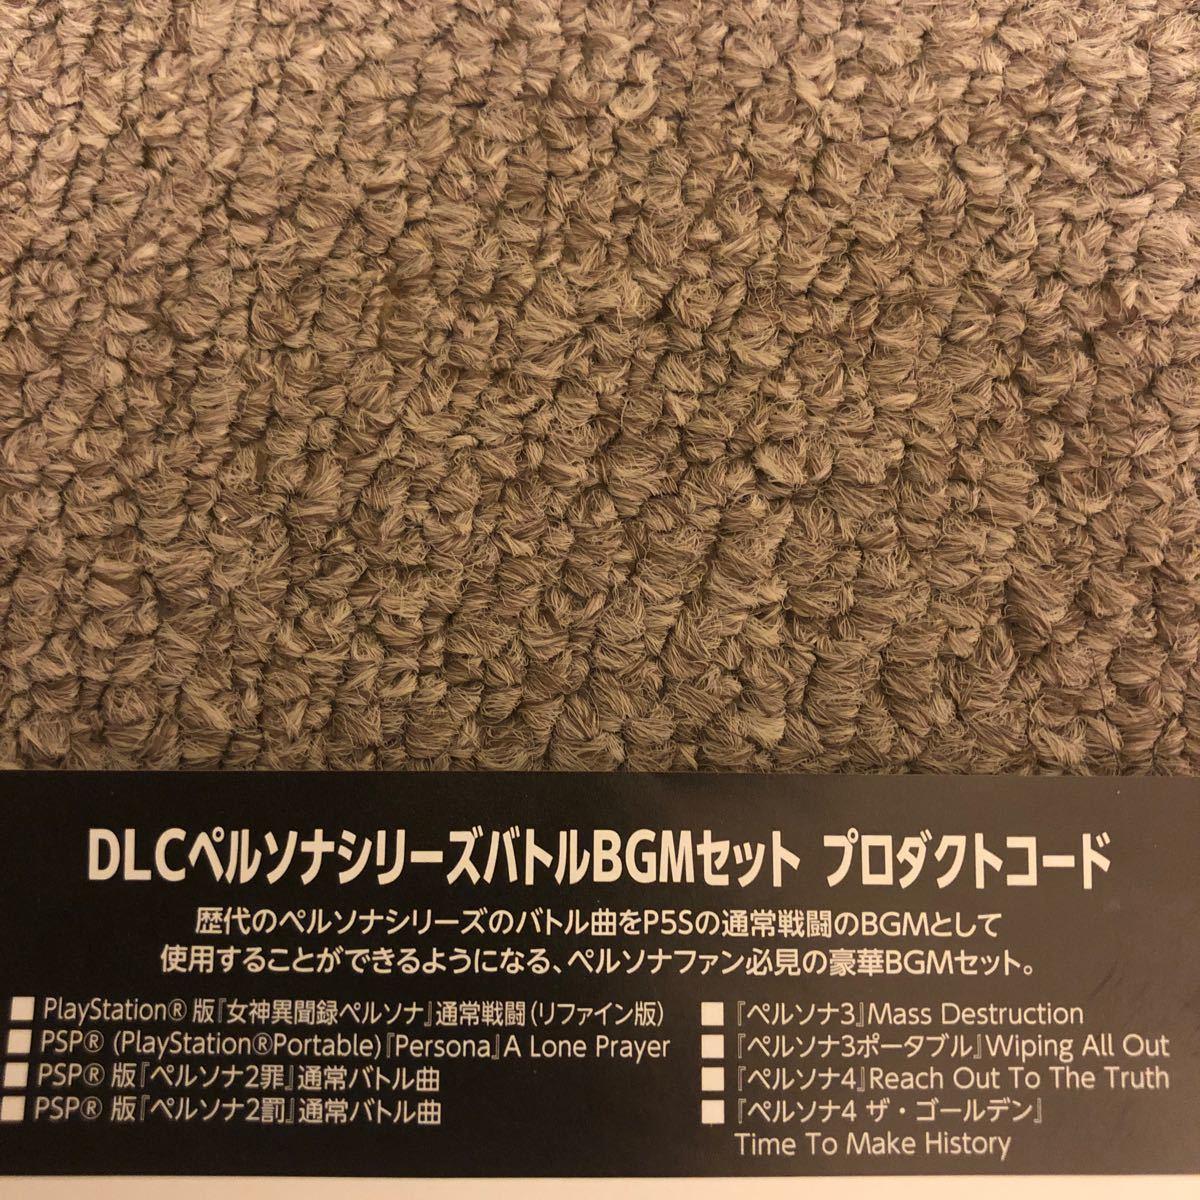 【PS4】 ペルソナ5 スクランブル ザ ファントム ストライカーズ [通常版] 初回コード付き